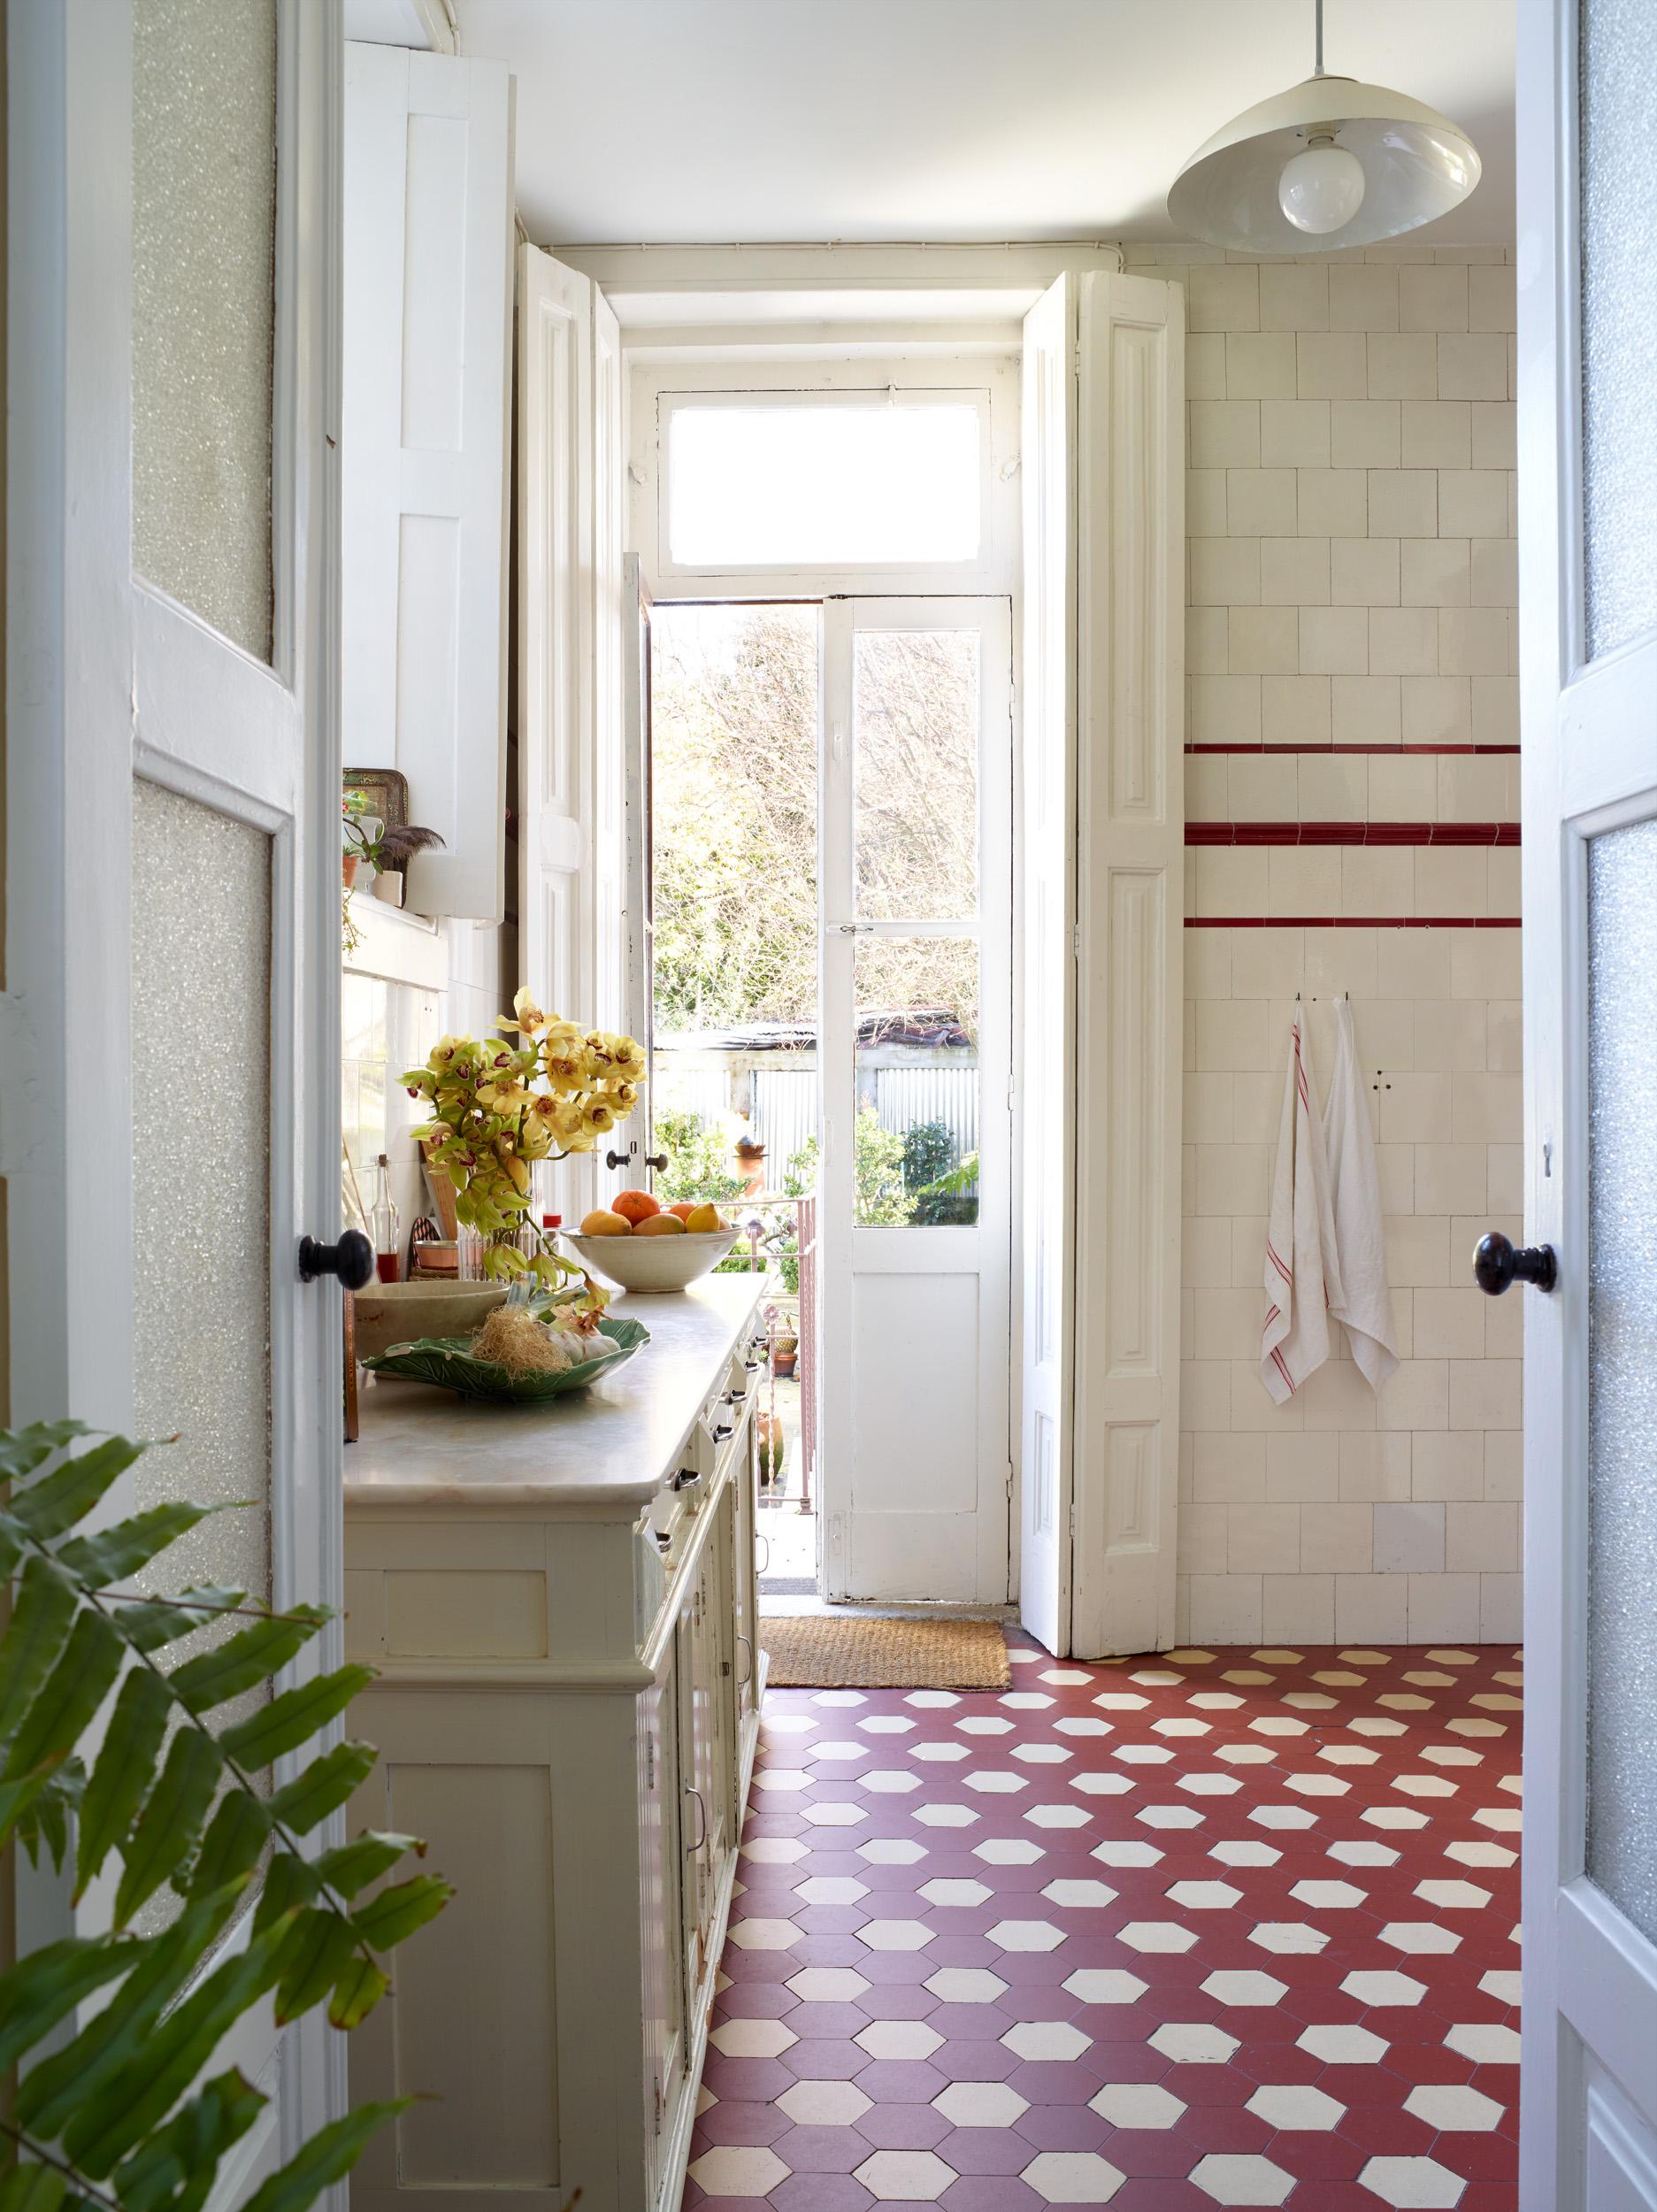 rachael-smith-interiors-14122019-030